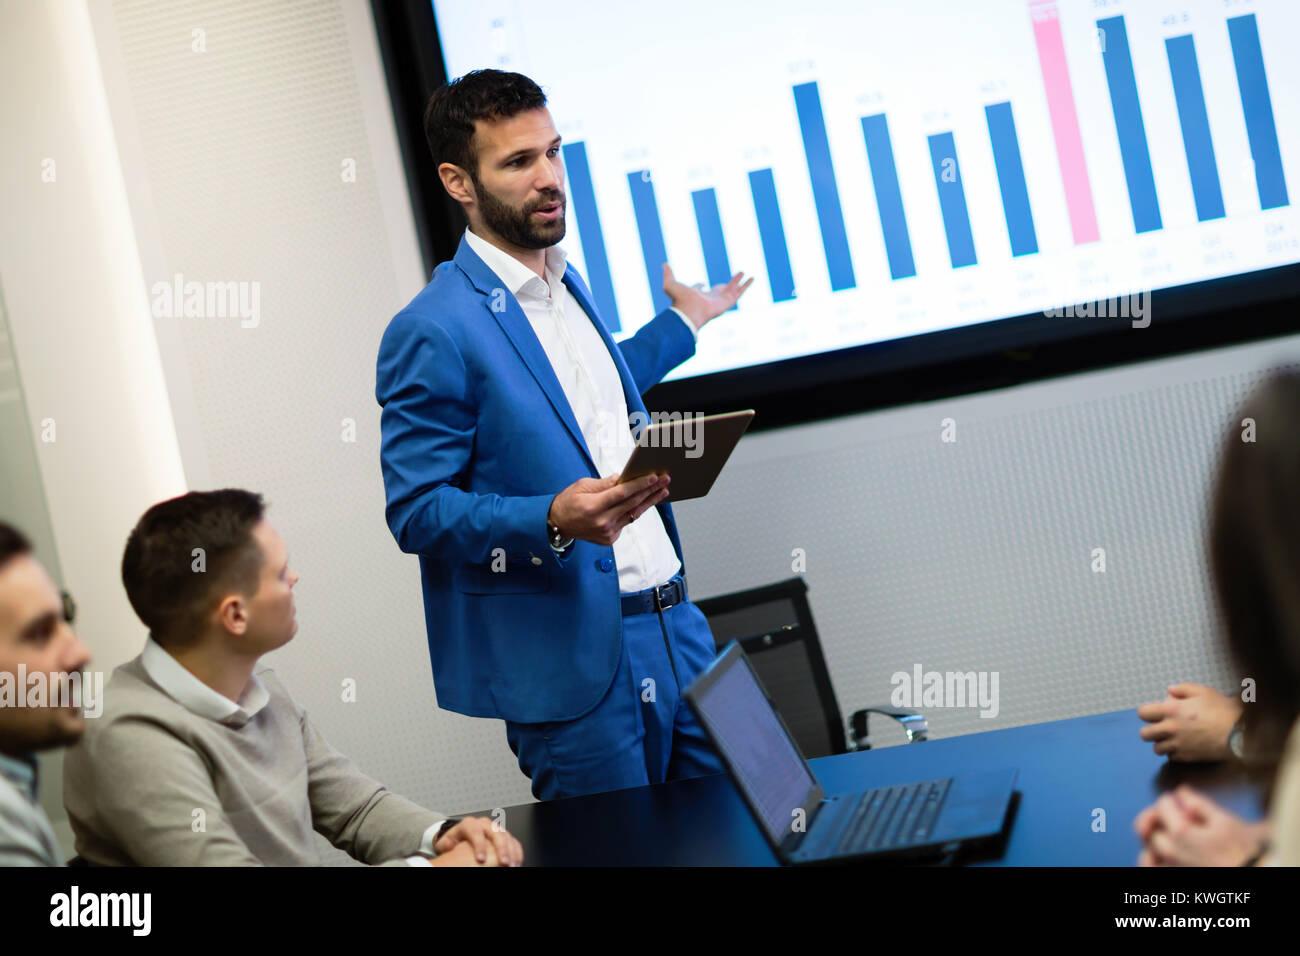 Foto del seminario di business in sala conferenze Immagini Stock